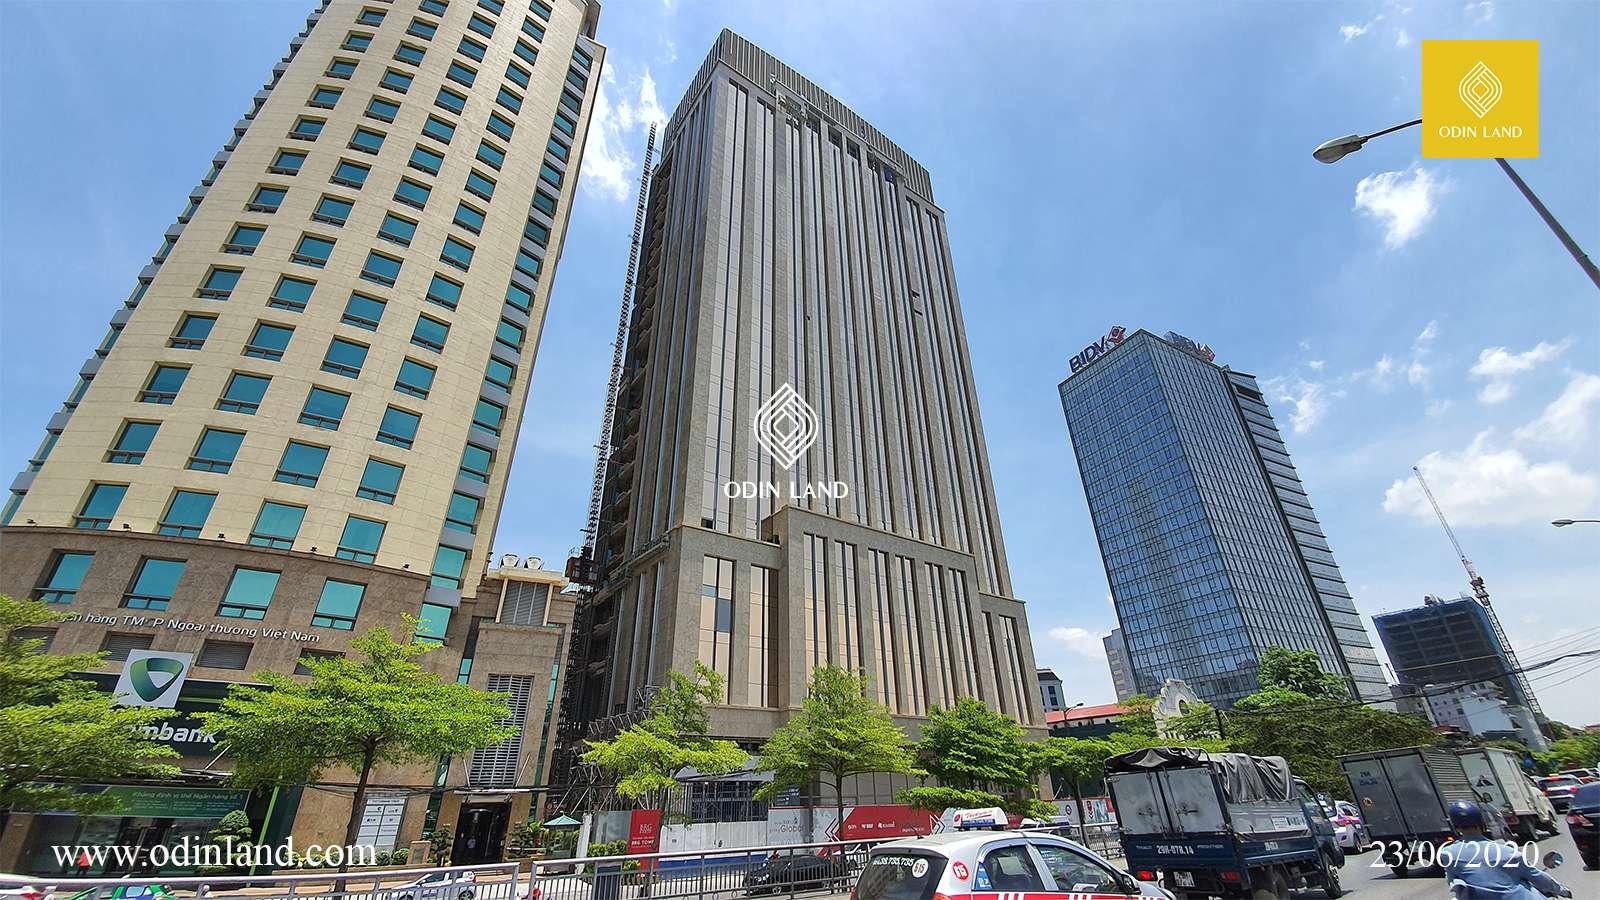 Van Phong Cho Thue Toa Nha Brg Tower 2